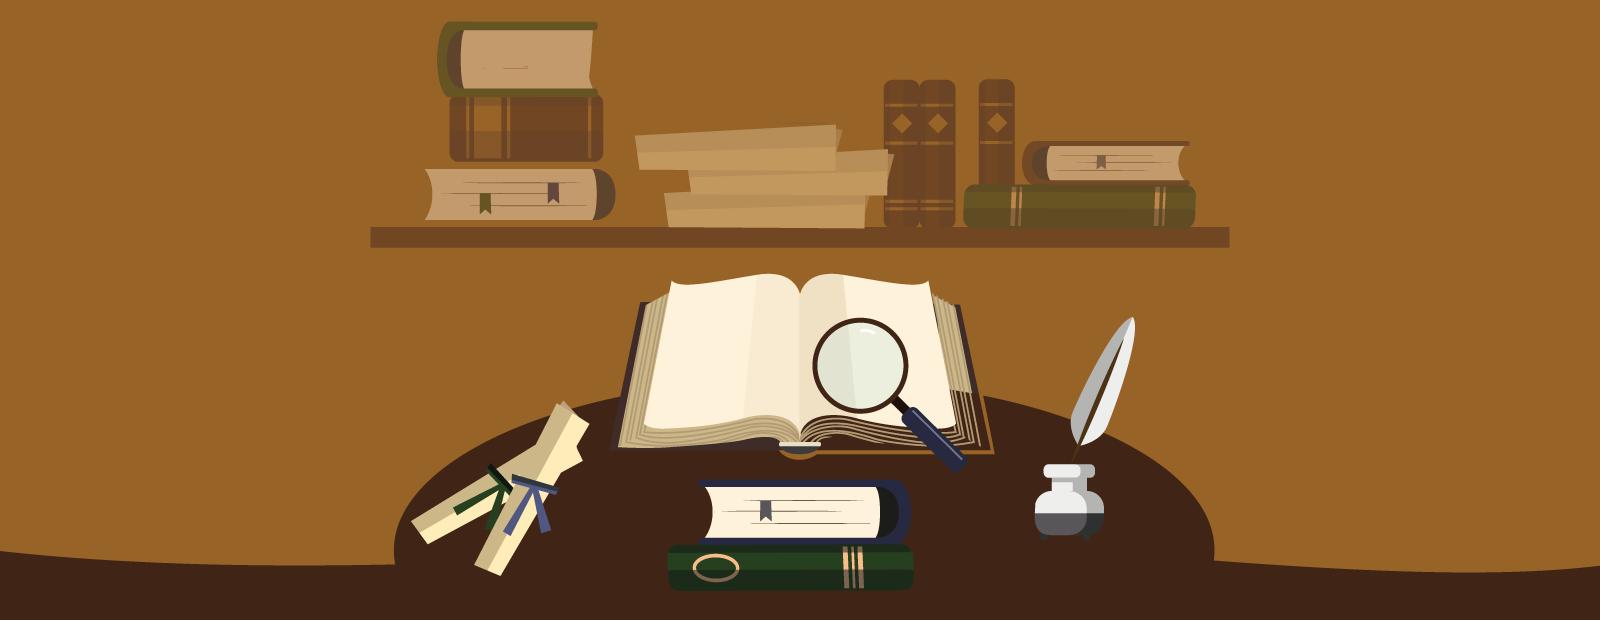 Jornadas de buenas prácticas europeas en patrimonio bibliográfico y documental.<br>CODICIS